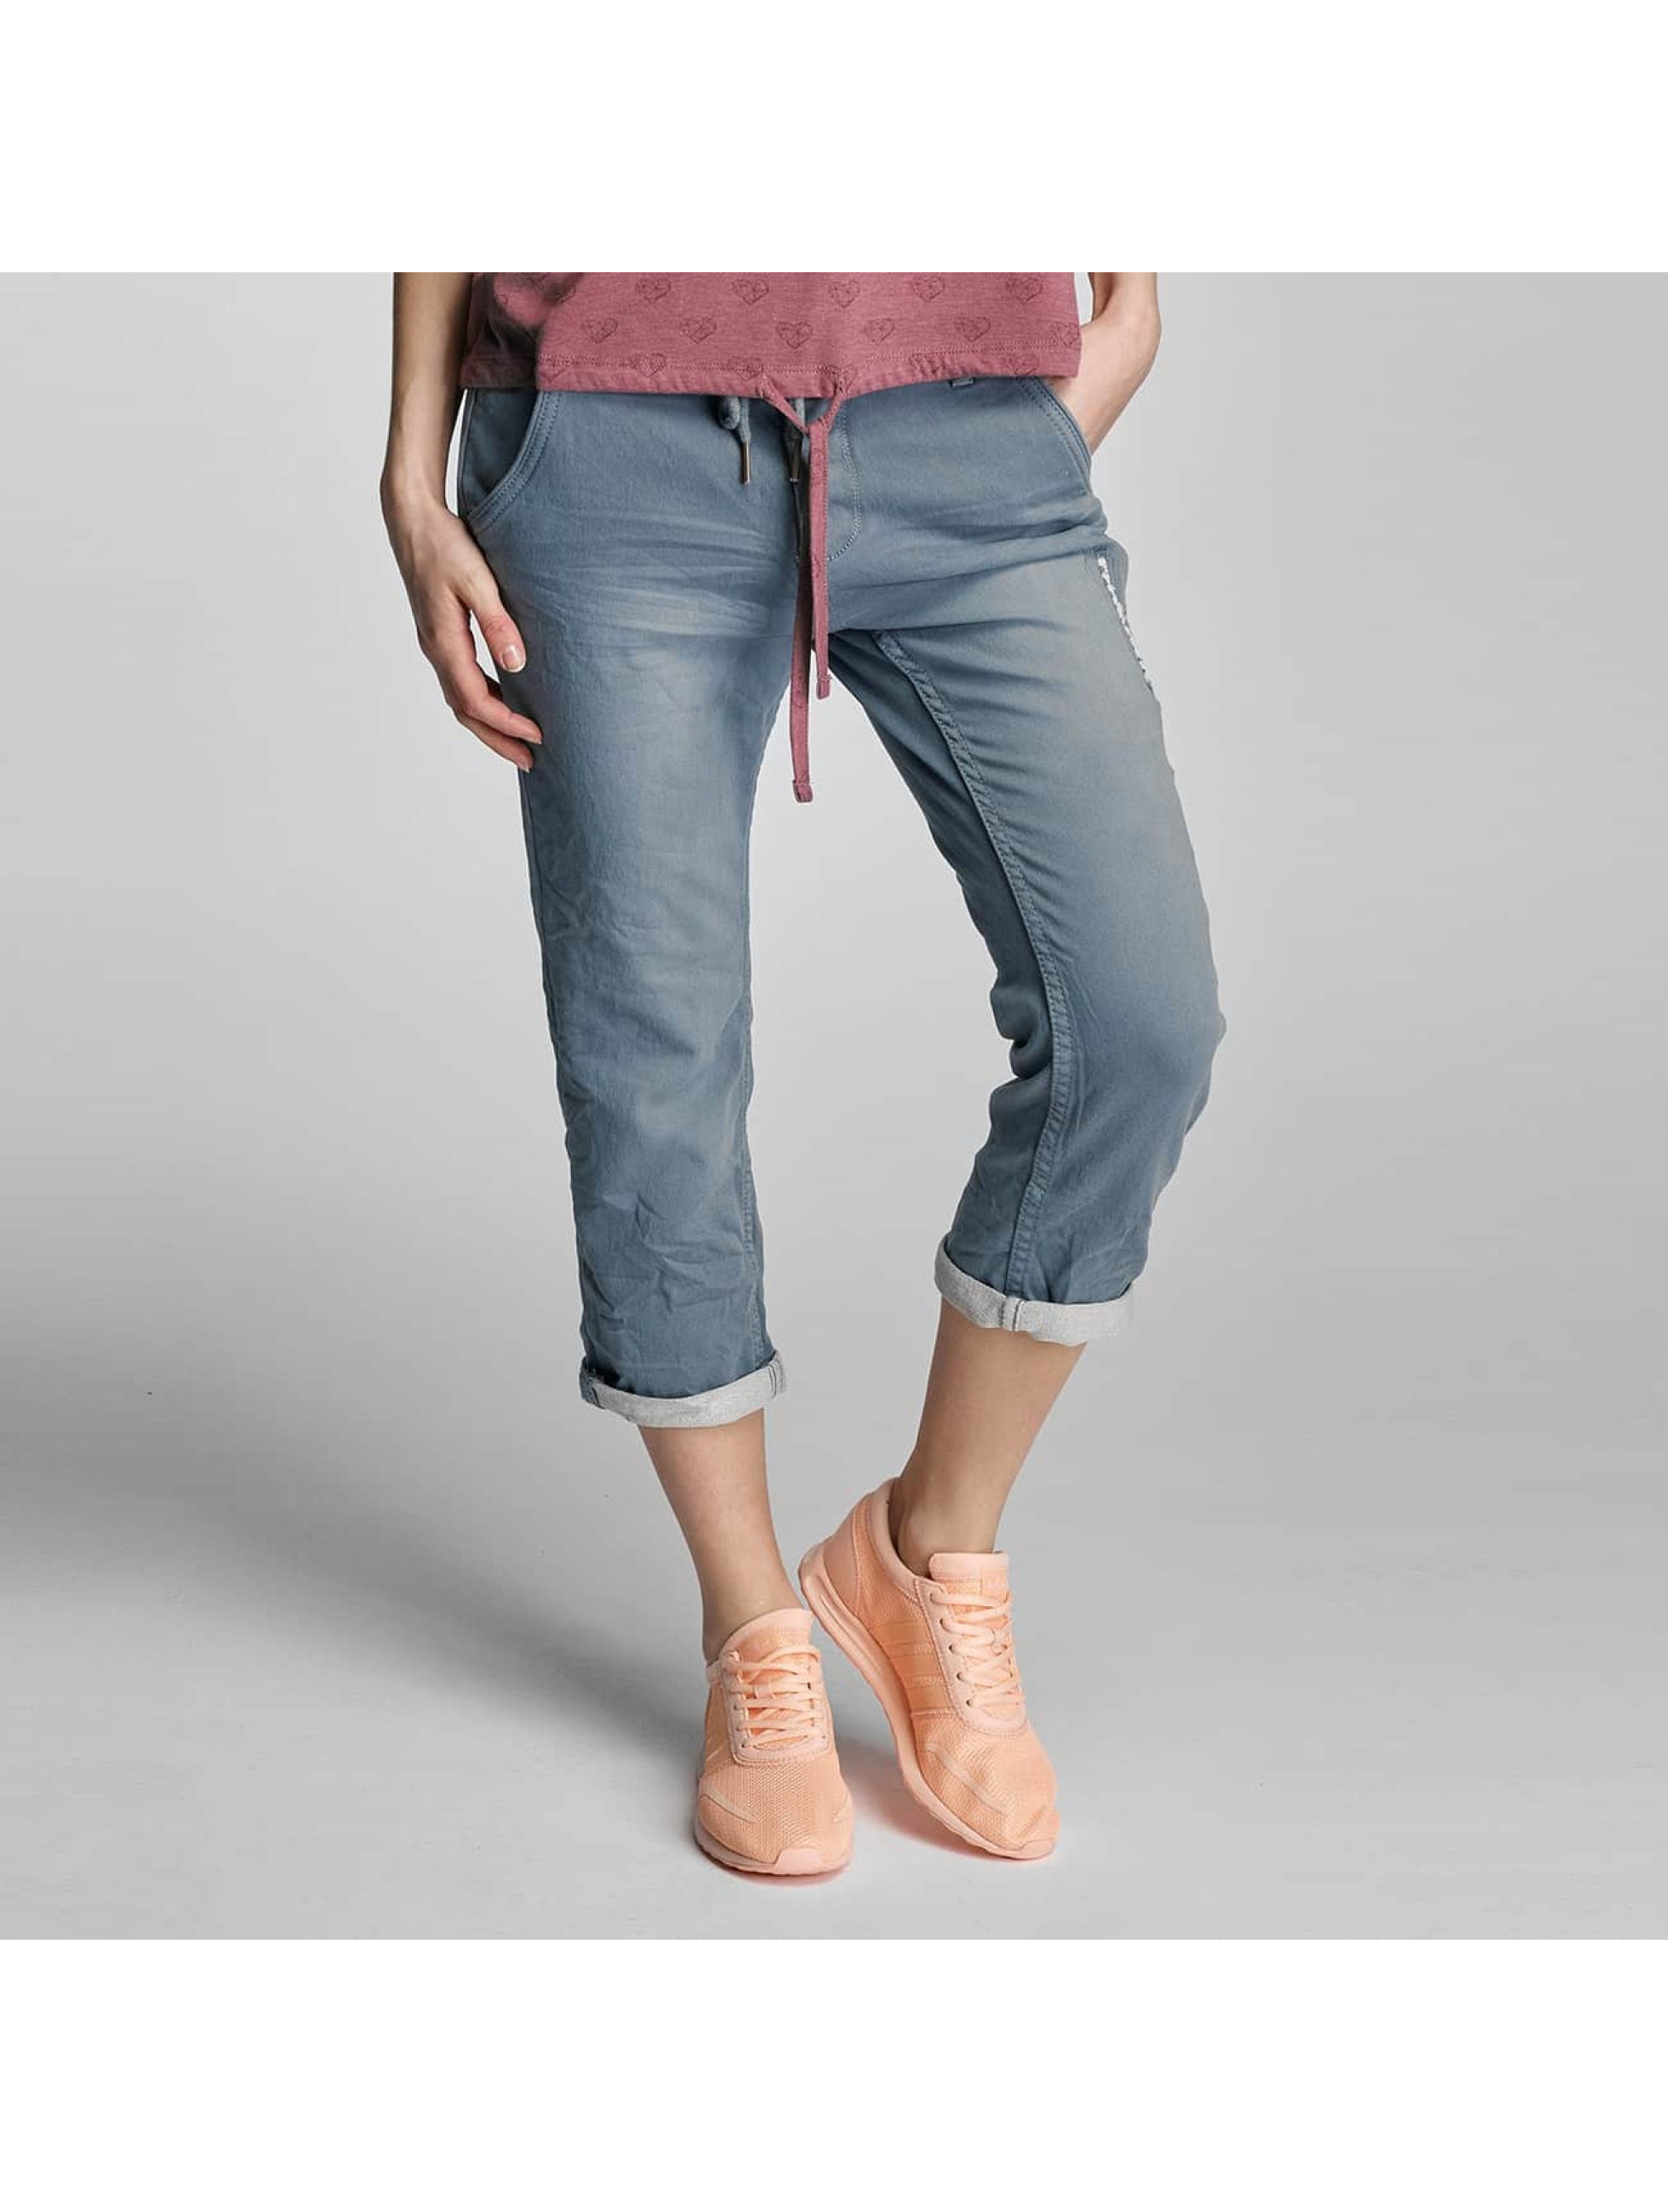 Fresh Made Frauen Shorts Olena in grau